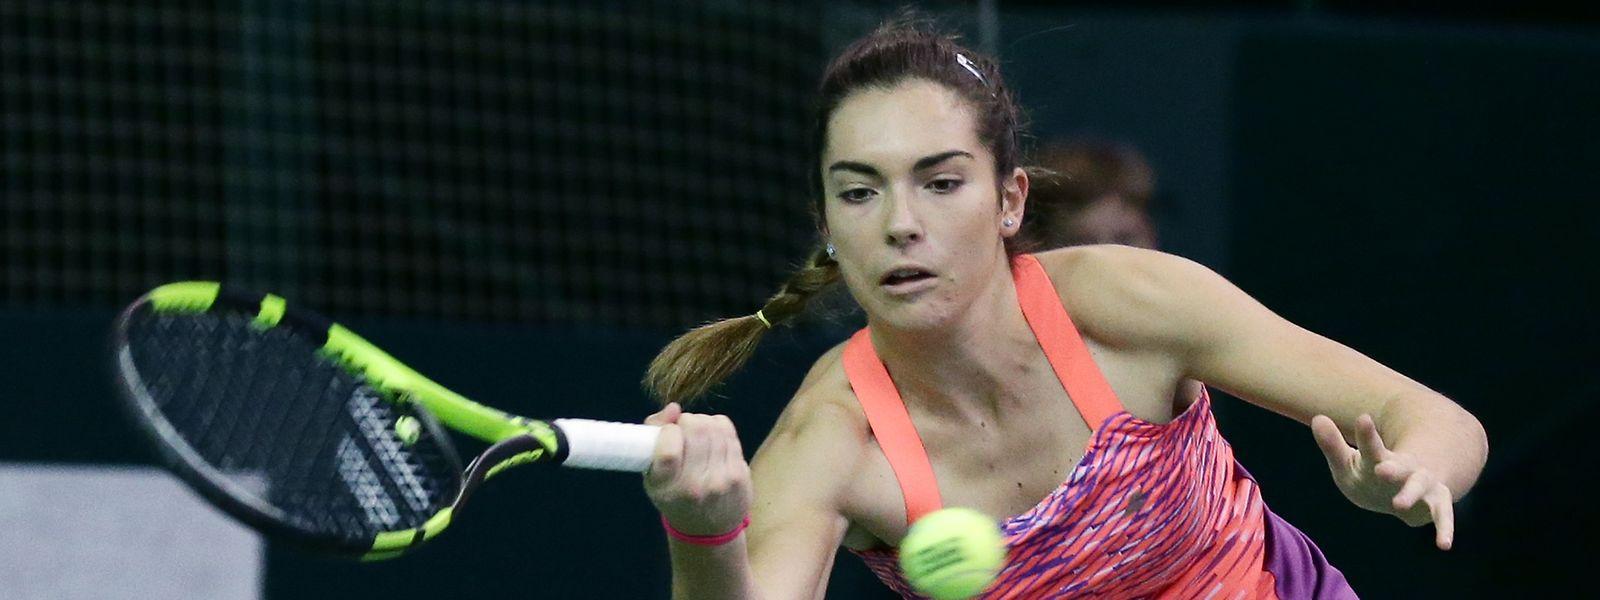 Für Eléonora Molinaro reichte es nicht zum Turniersieg.